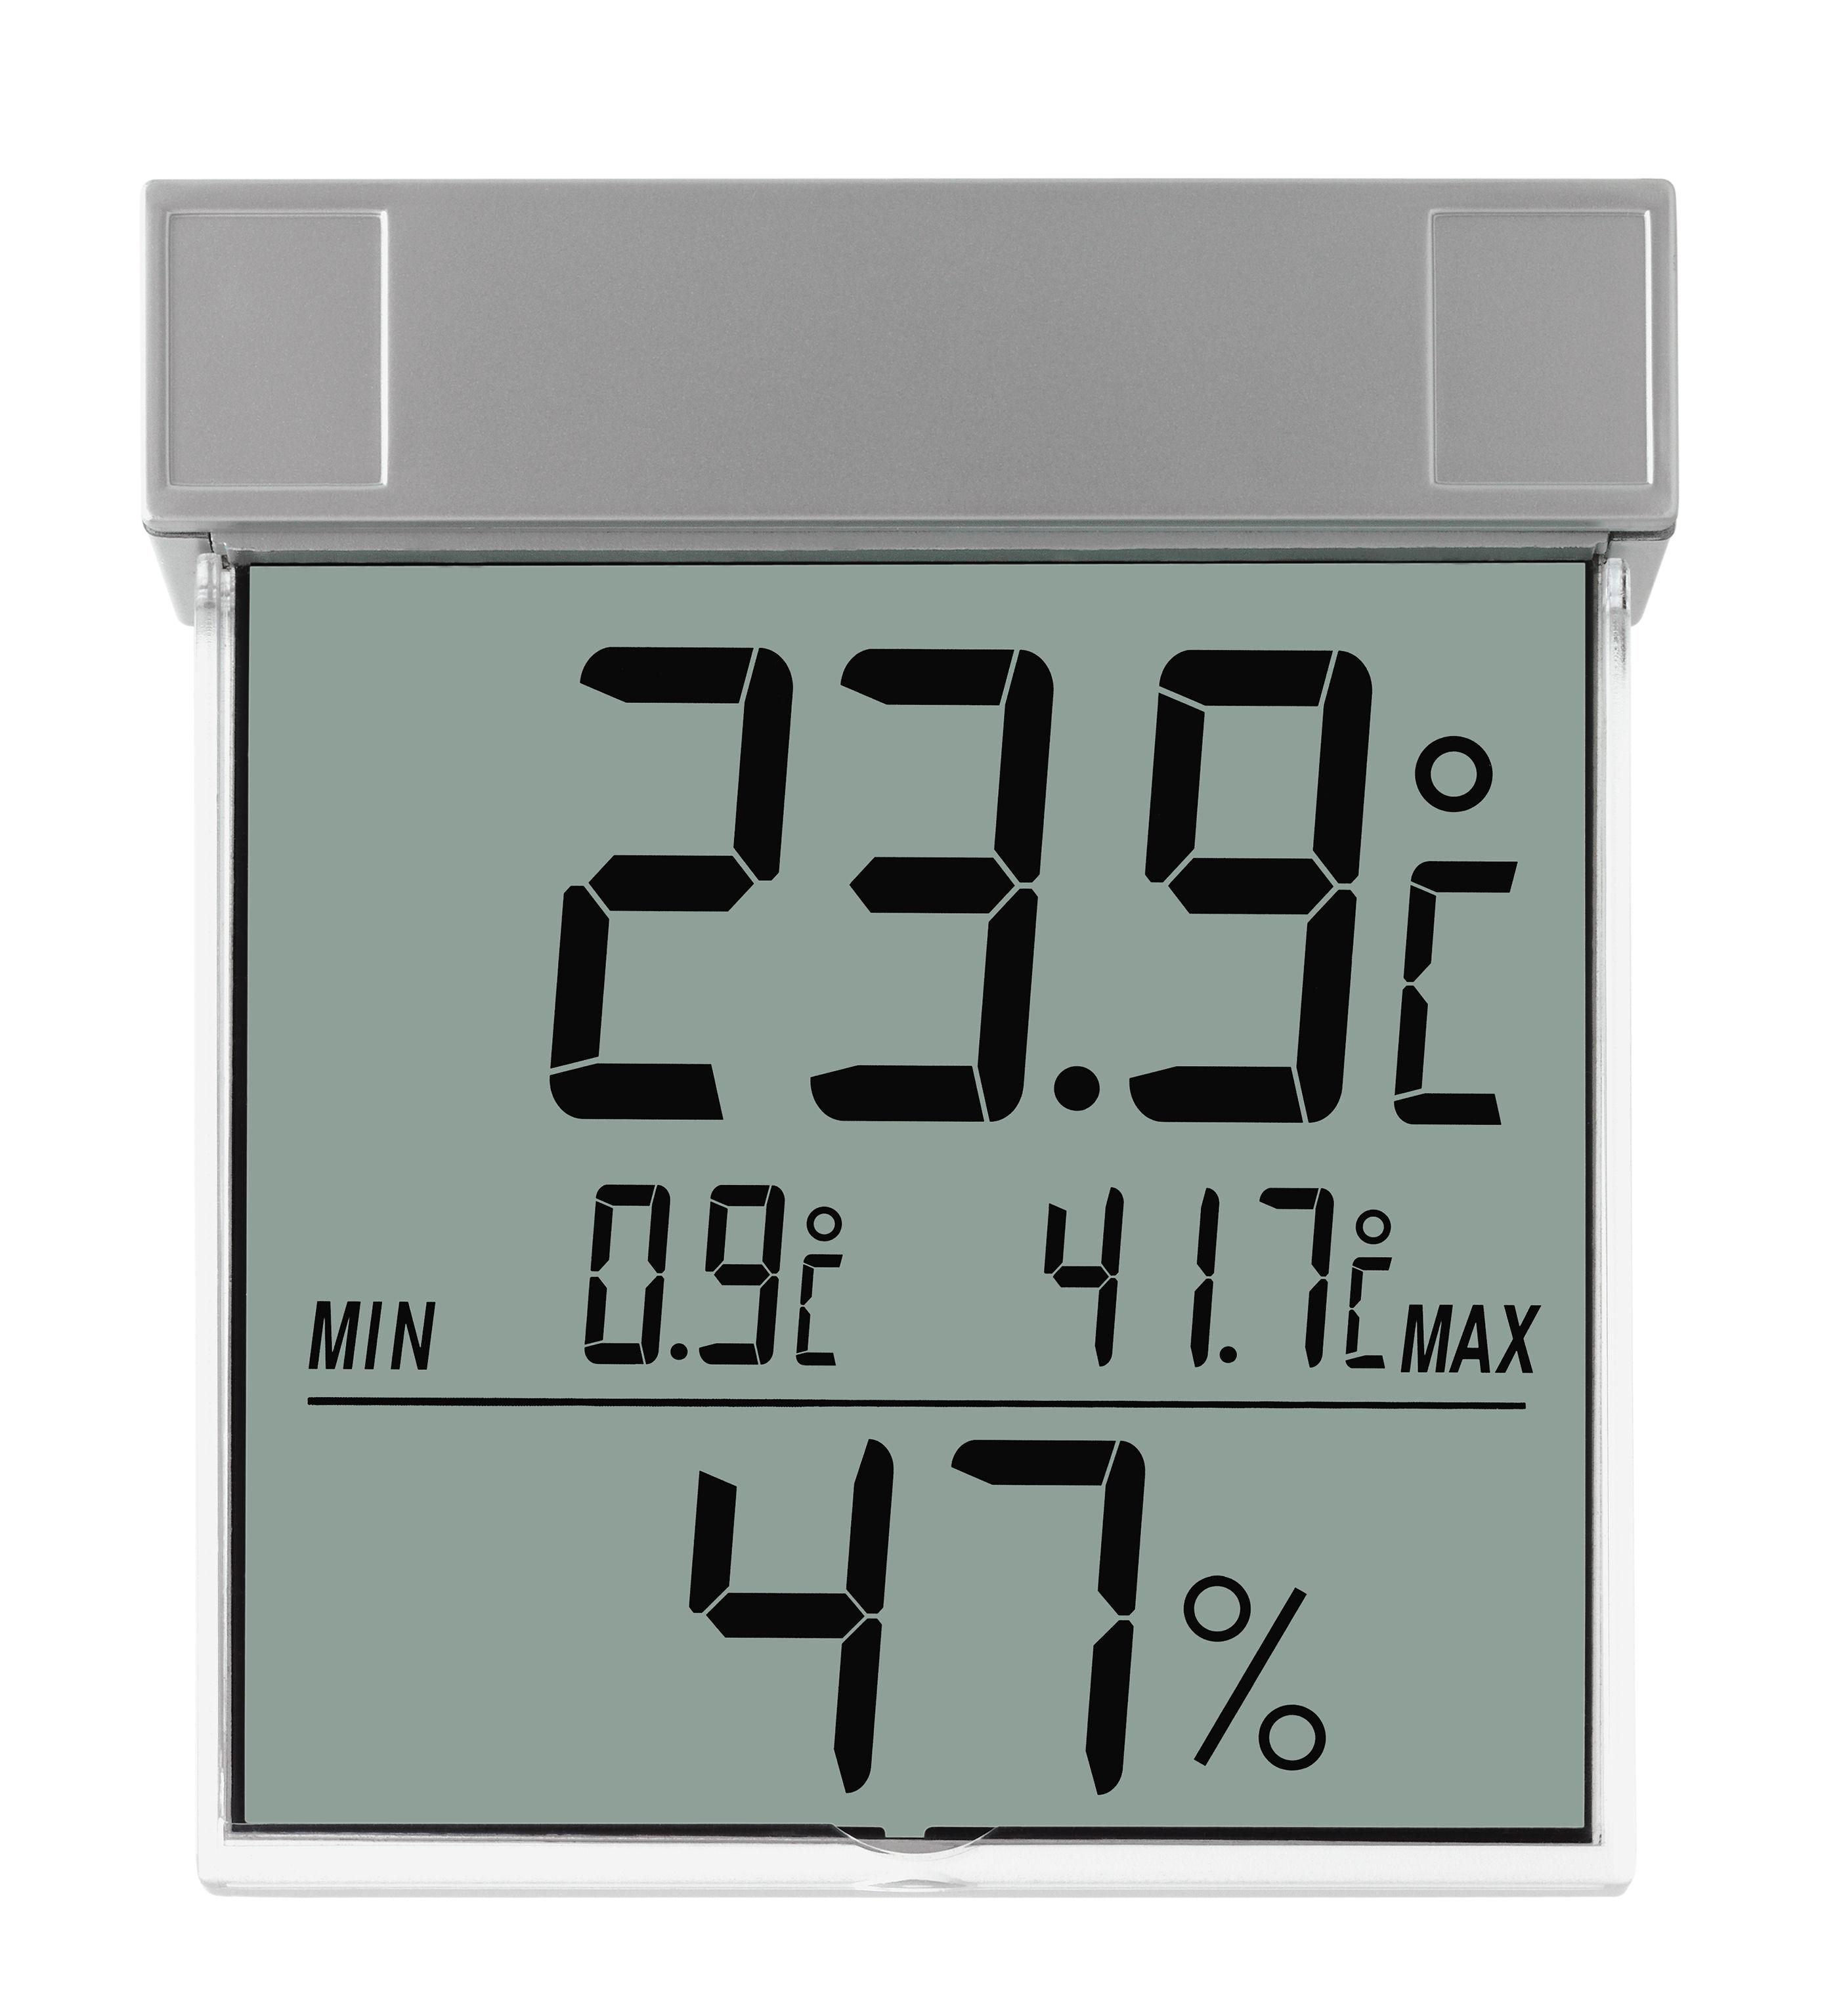 tfa dostmann vision digitales fenster thermo hygrometer 30. Black Bedroom Furniture Sets. Home Design Ideas